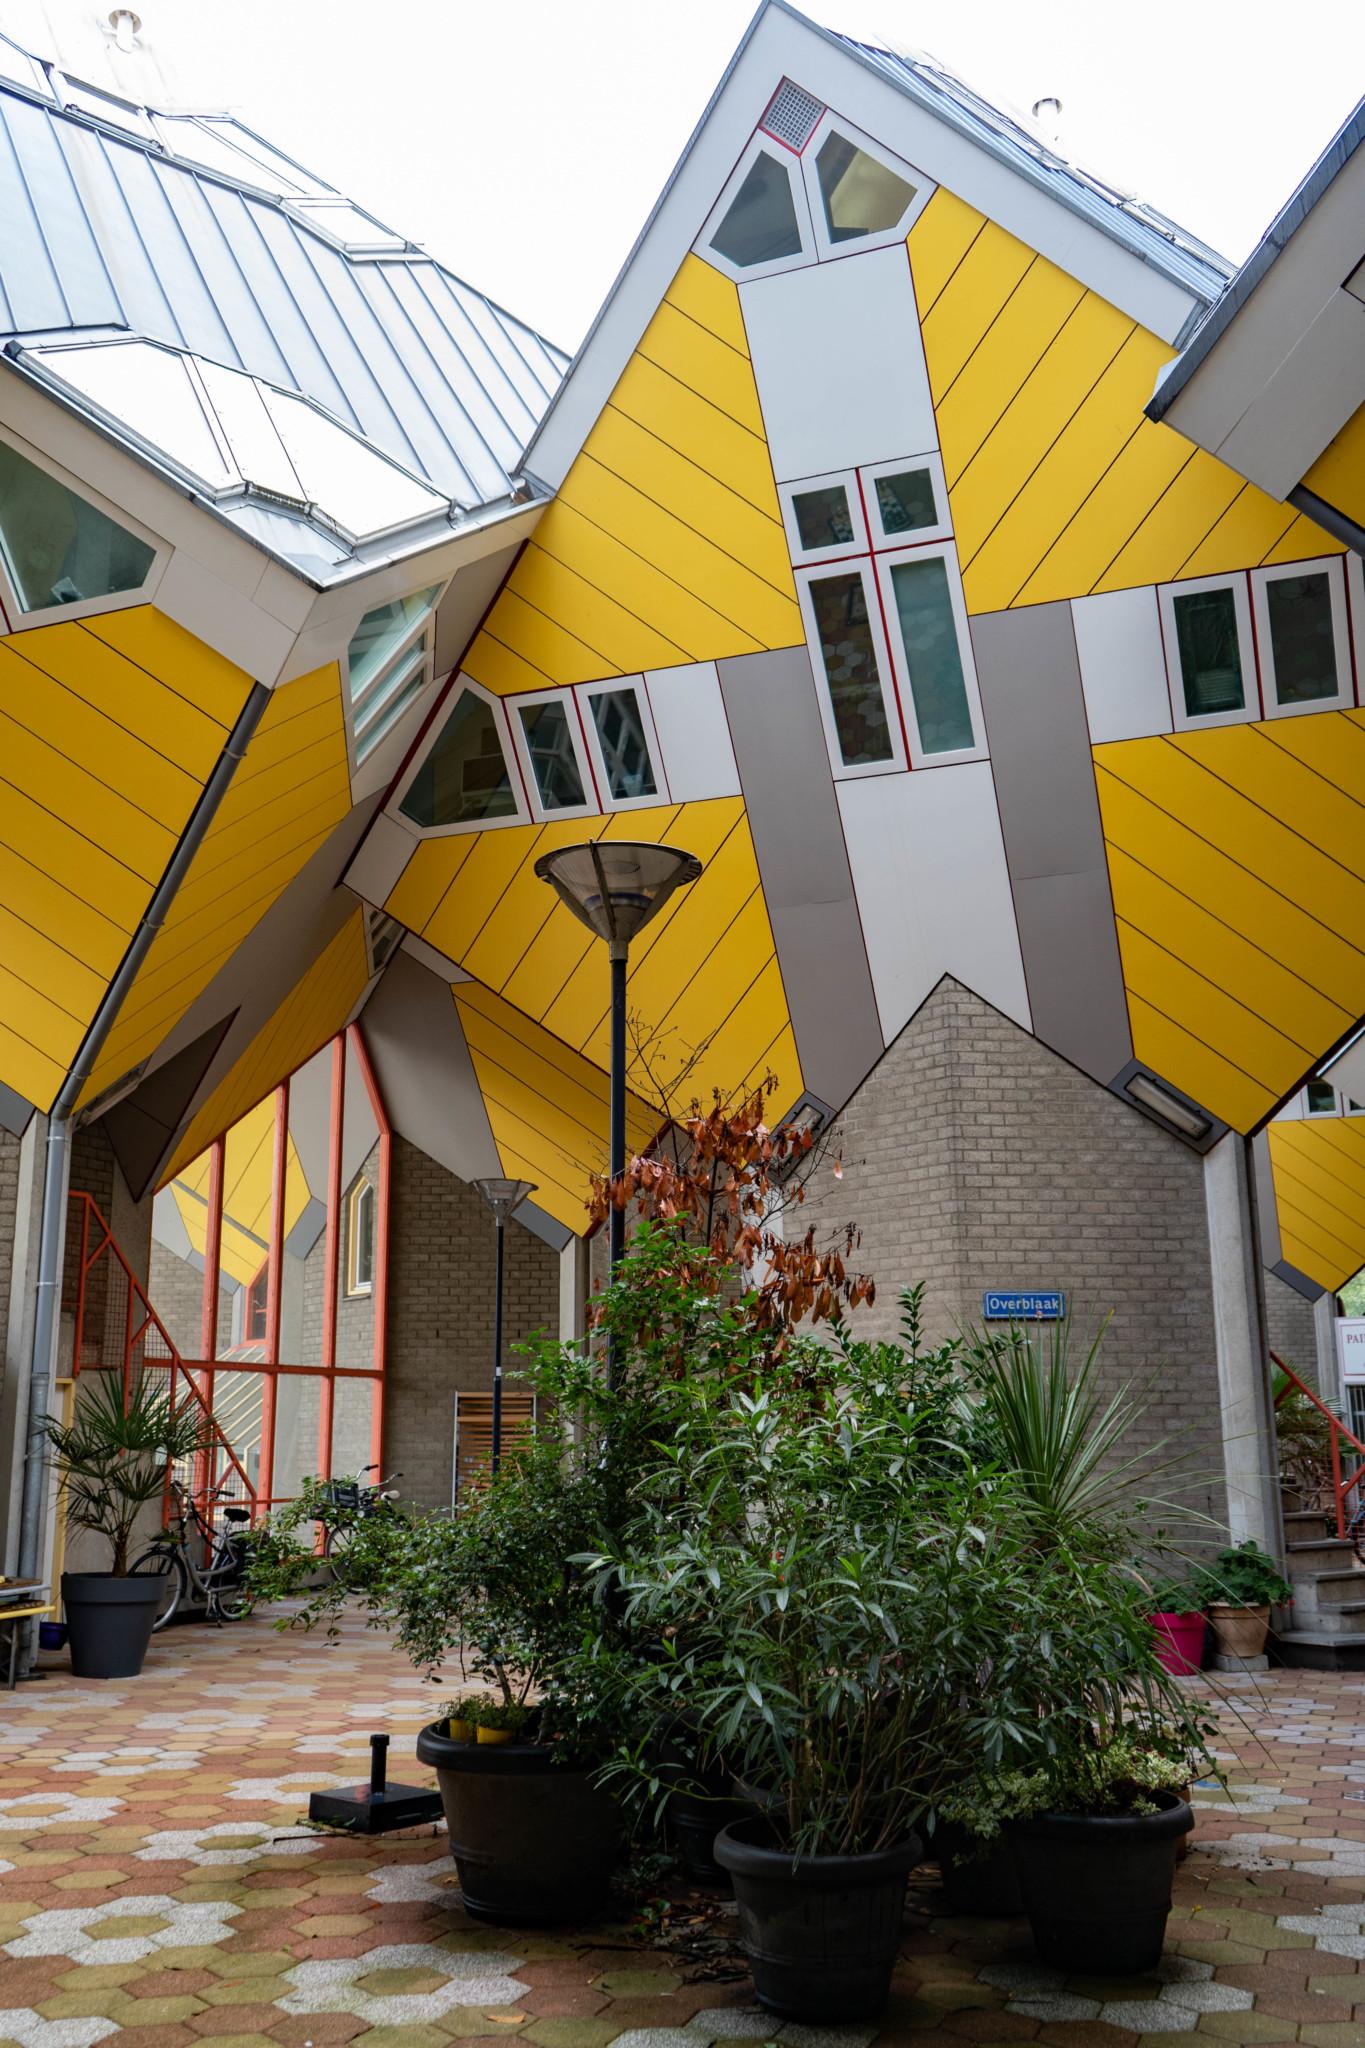 Berühmte Rotterdam Sehenswürdigkeiten: Die Kubushäuser